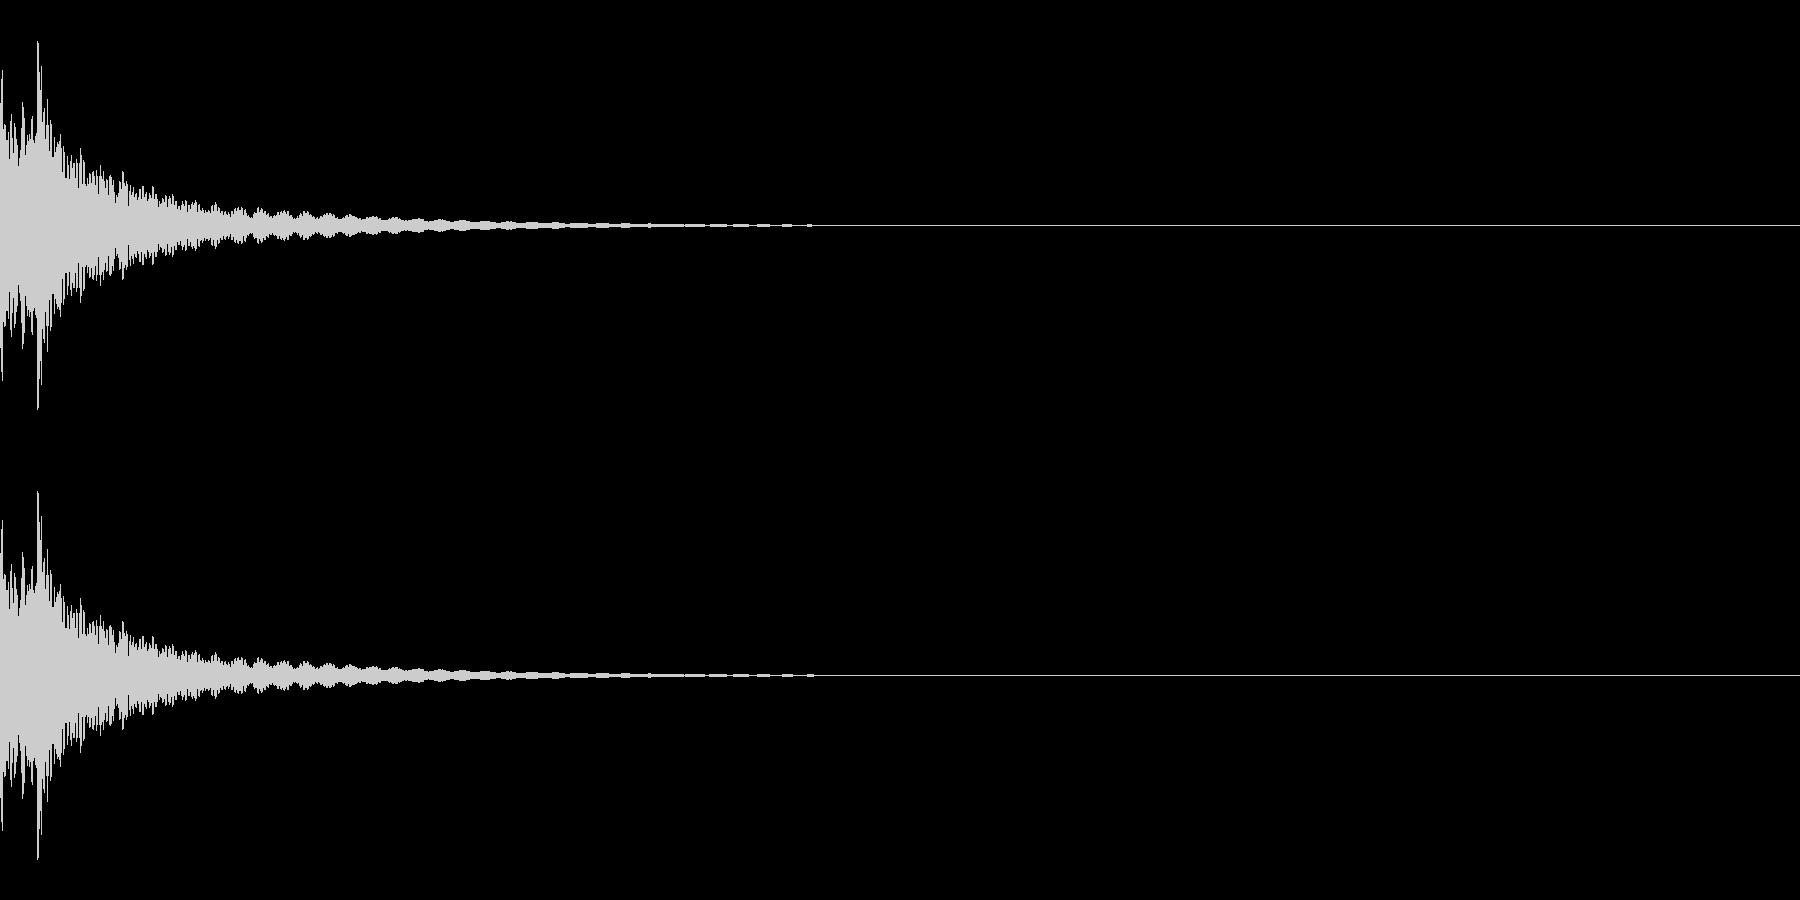 チリーン(チベタンベル/瞑想/閃く)の未再生の波形